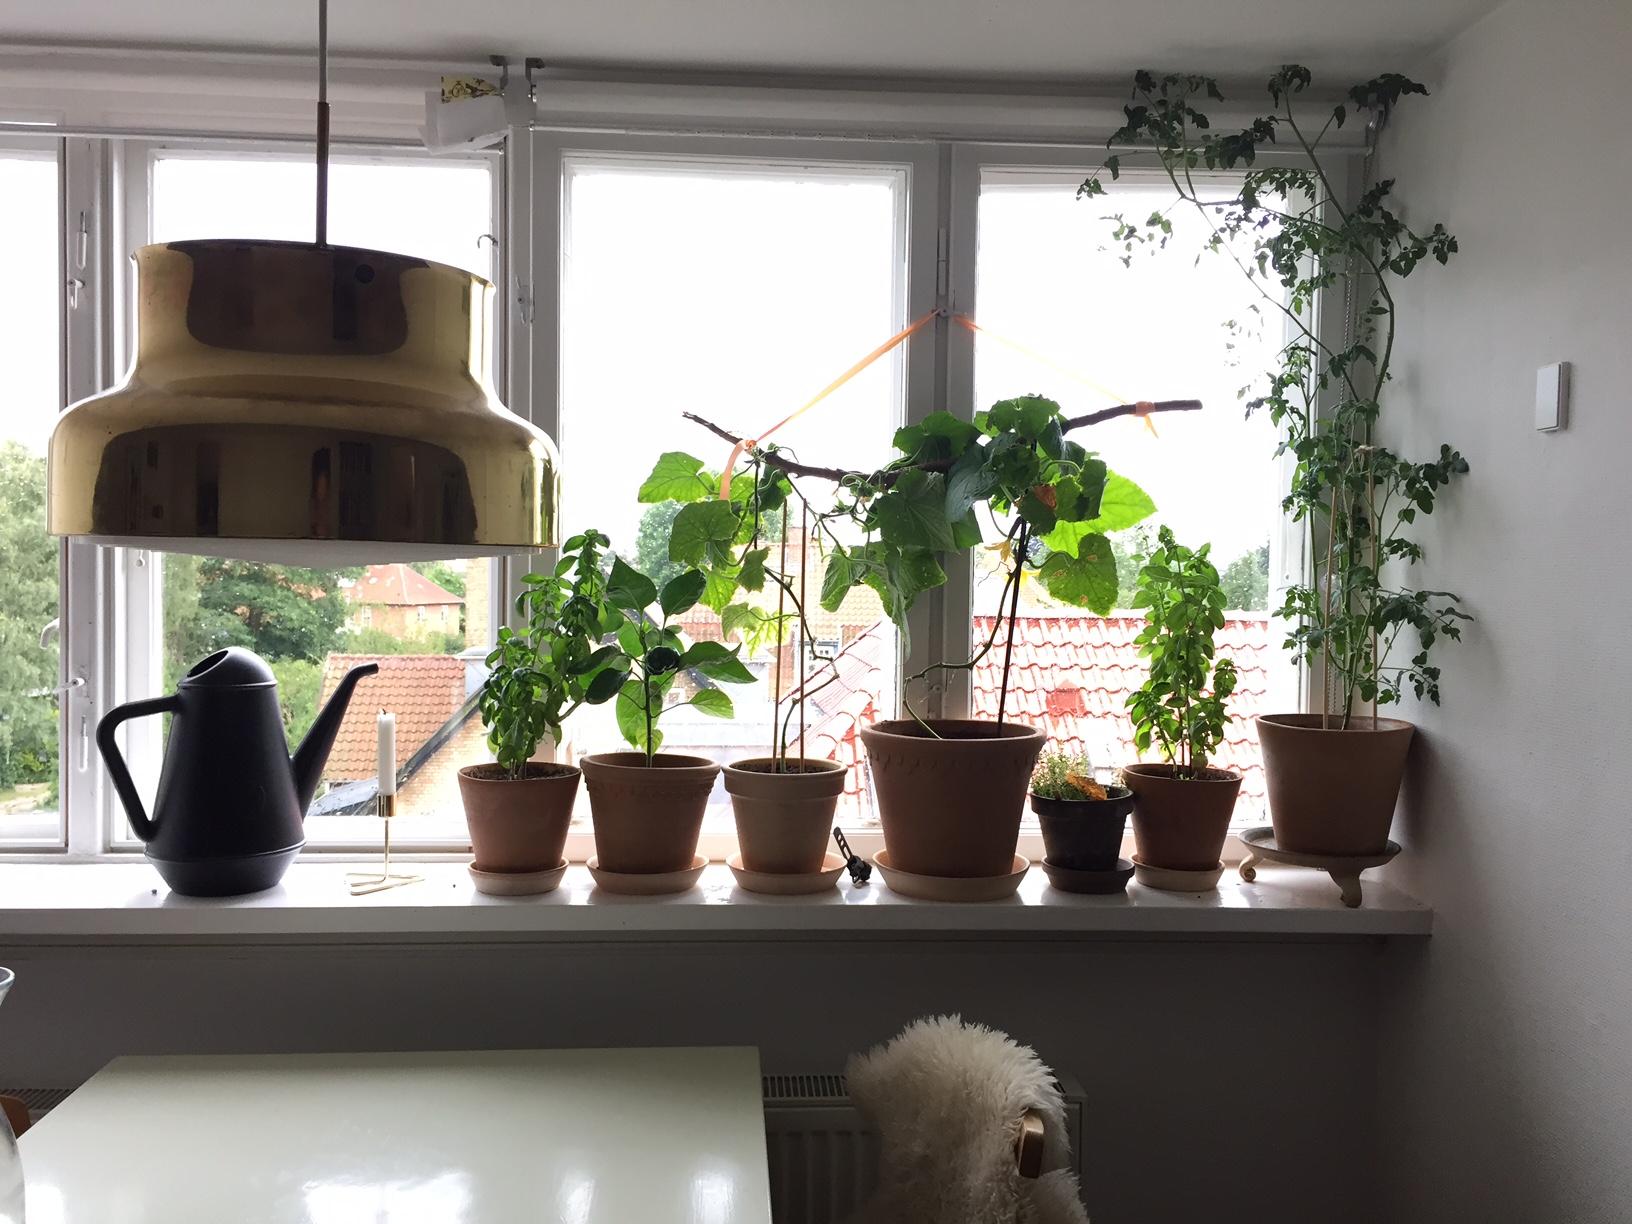 Køkkenhave i krukker